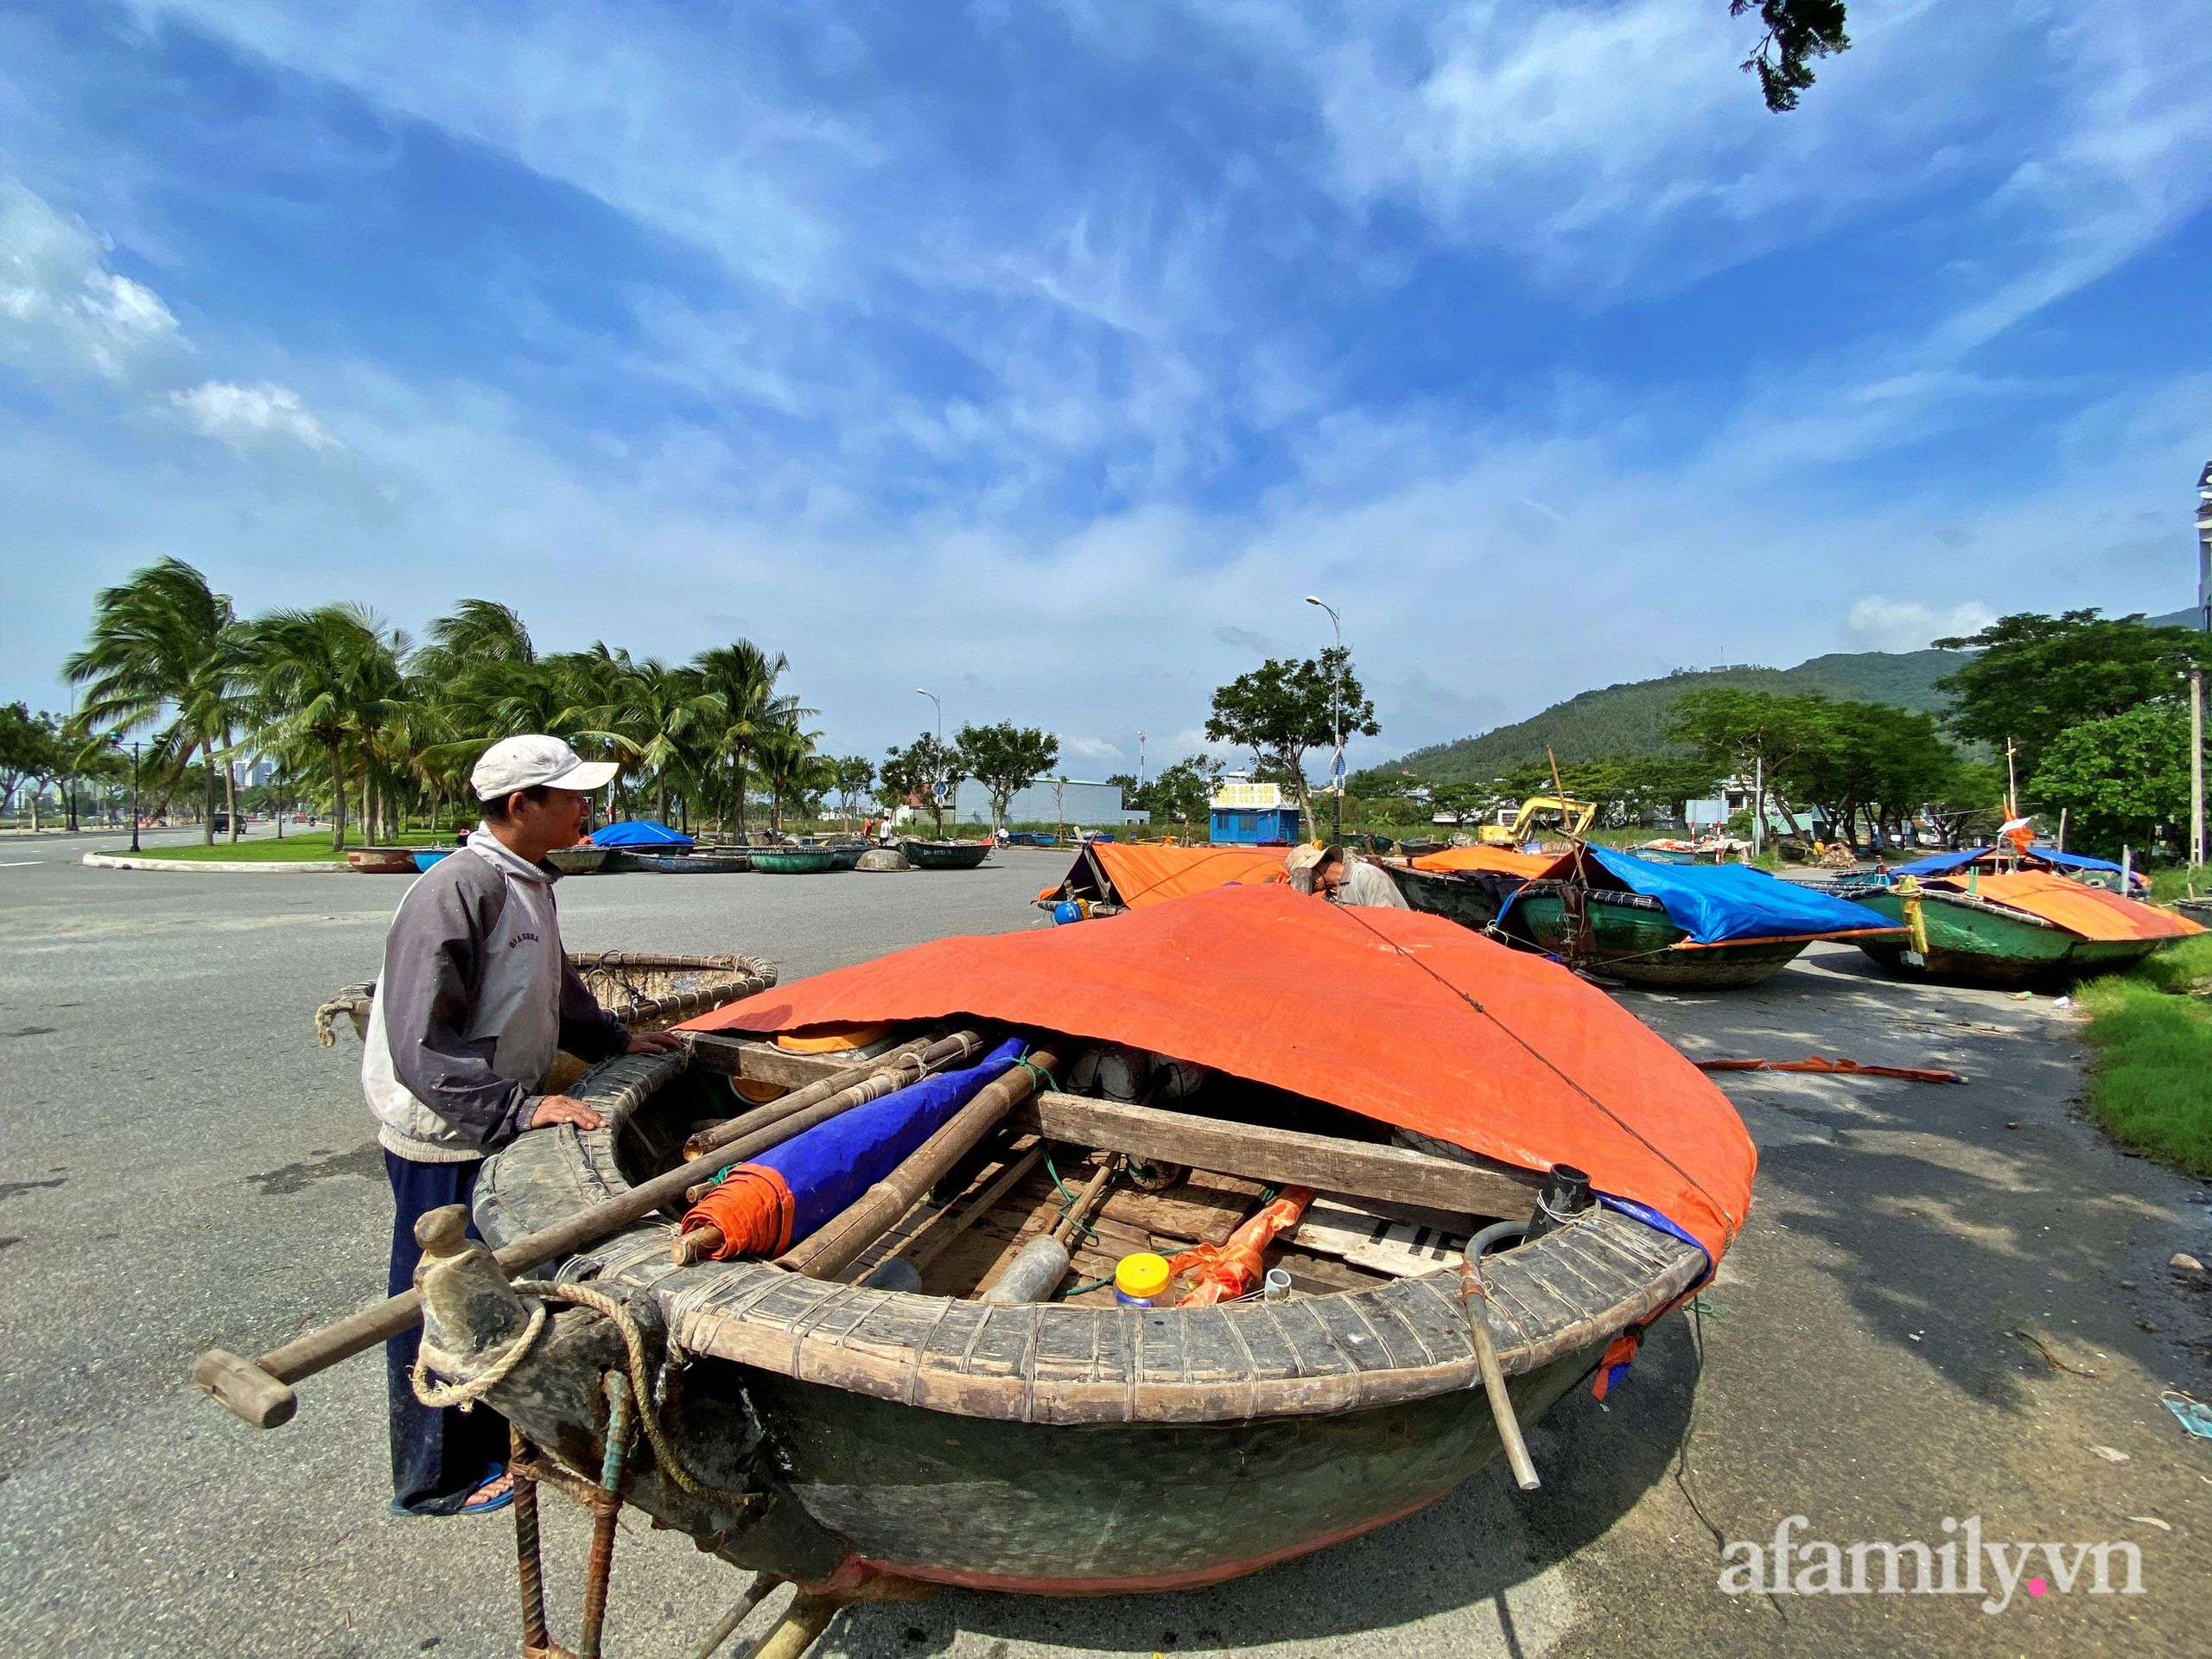 Bão số 9 đang tới gần, người dân Quảng Nam khẩn trương chằng chống nhà cửa bằng túi và can nhựa đầy nước - Ảnh 7.